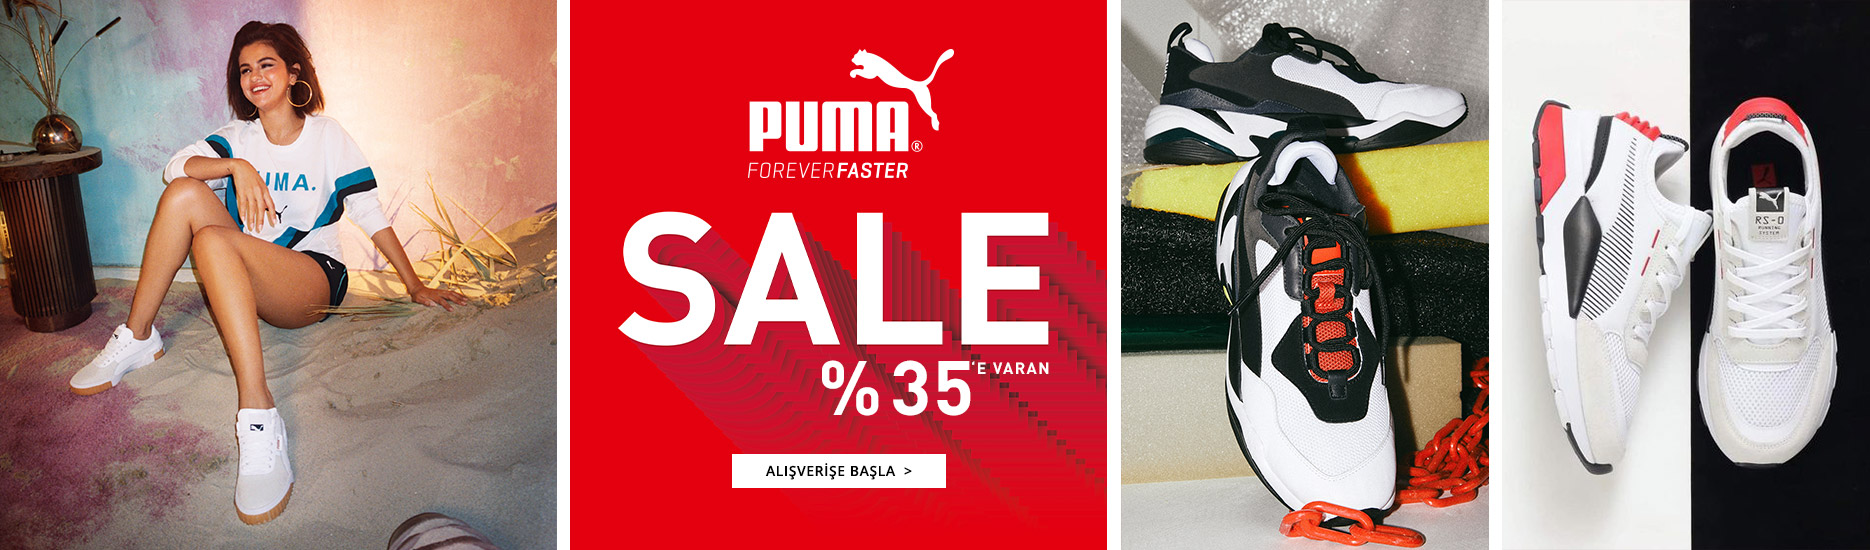 Puma-indirim